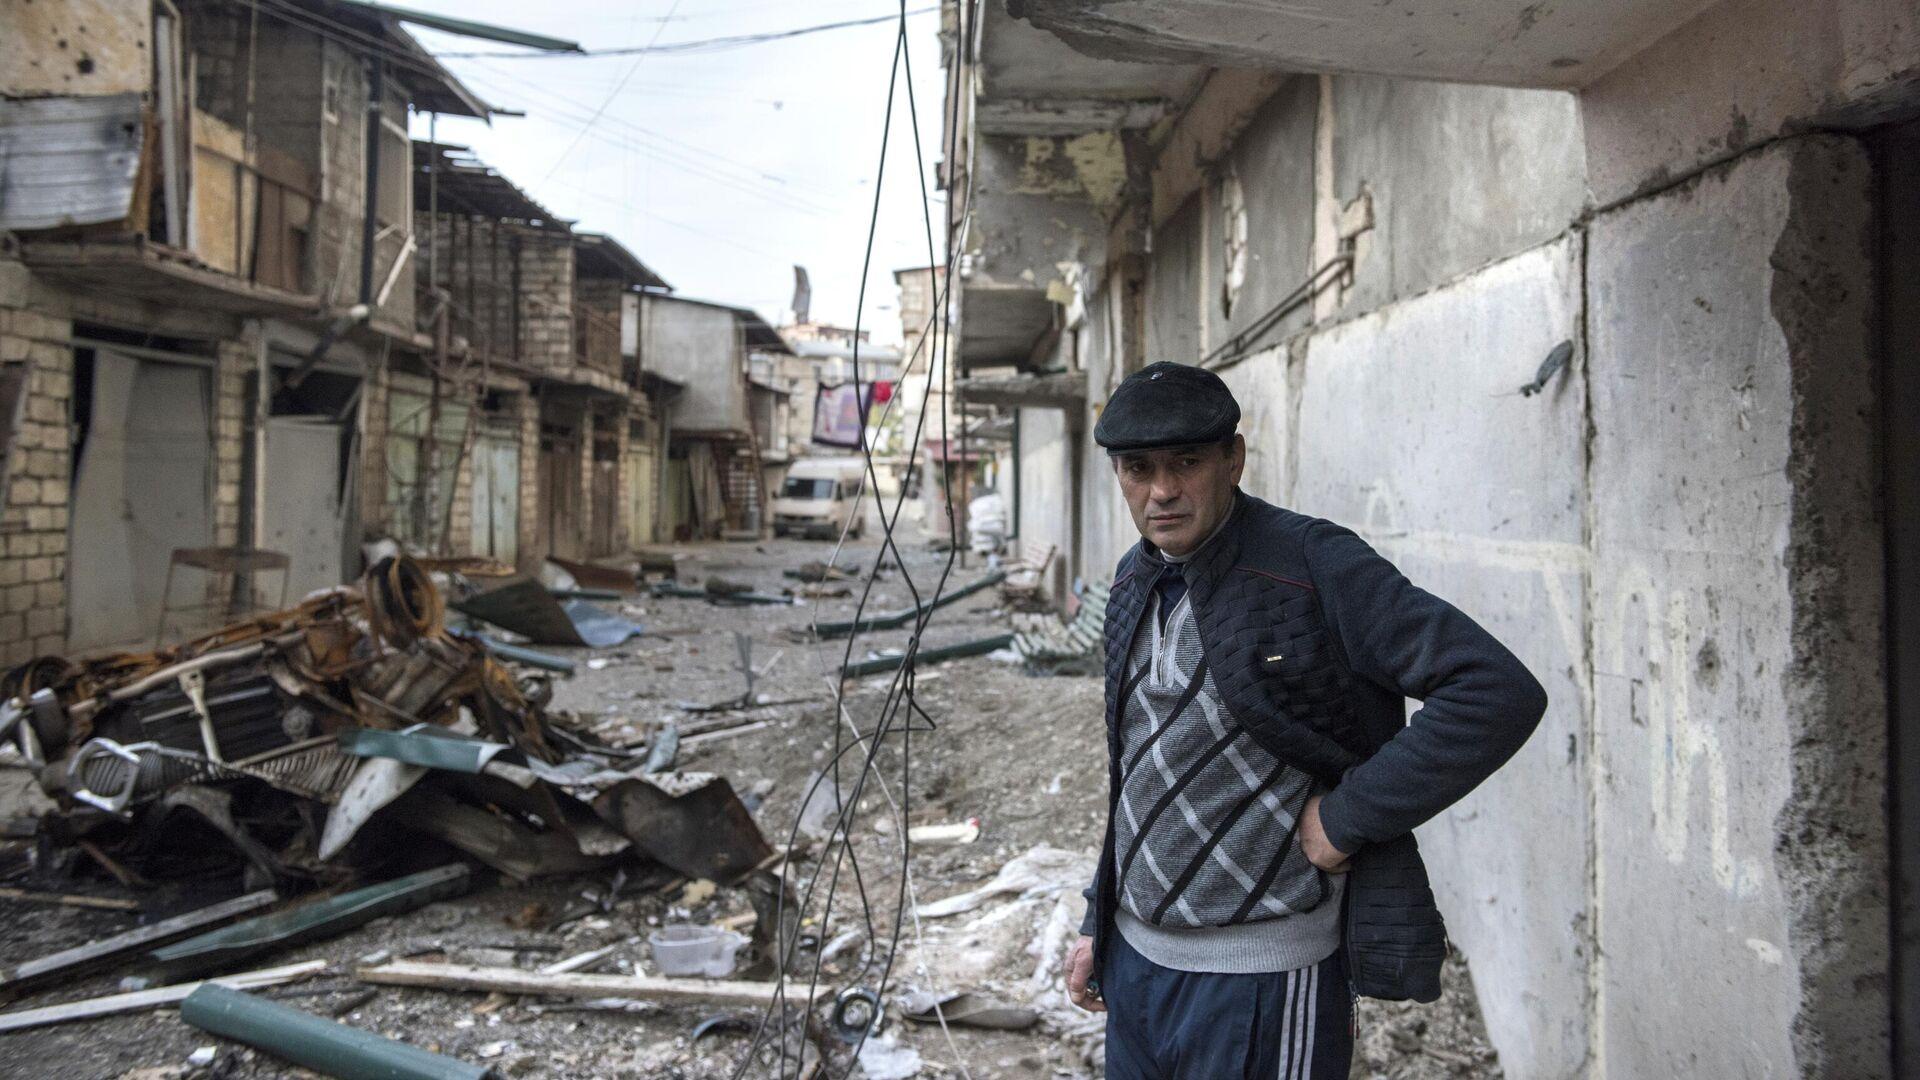 Мужчина на разрушенной улице города Степанакерт, который подвергся обстрелу - РИА Новости, 1920, 11.10.2020